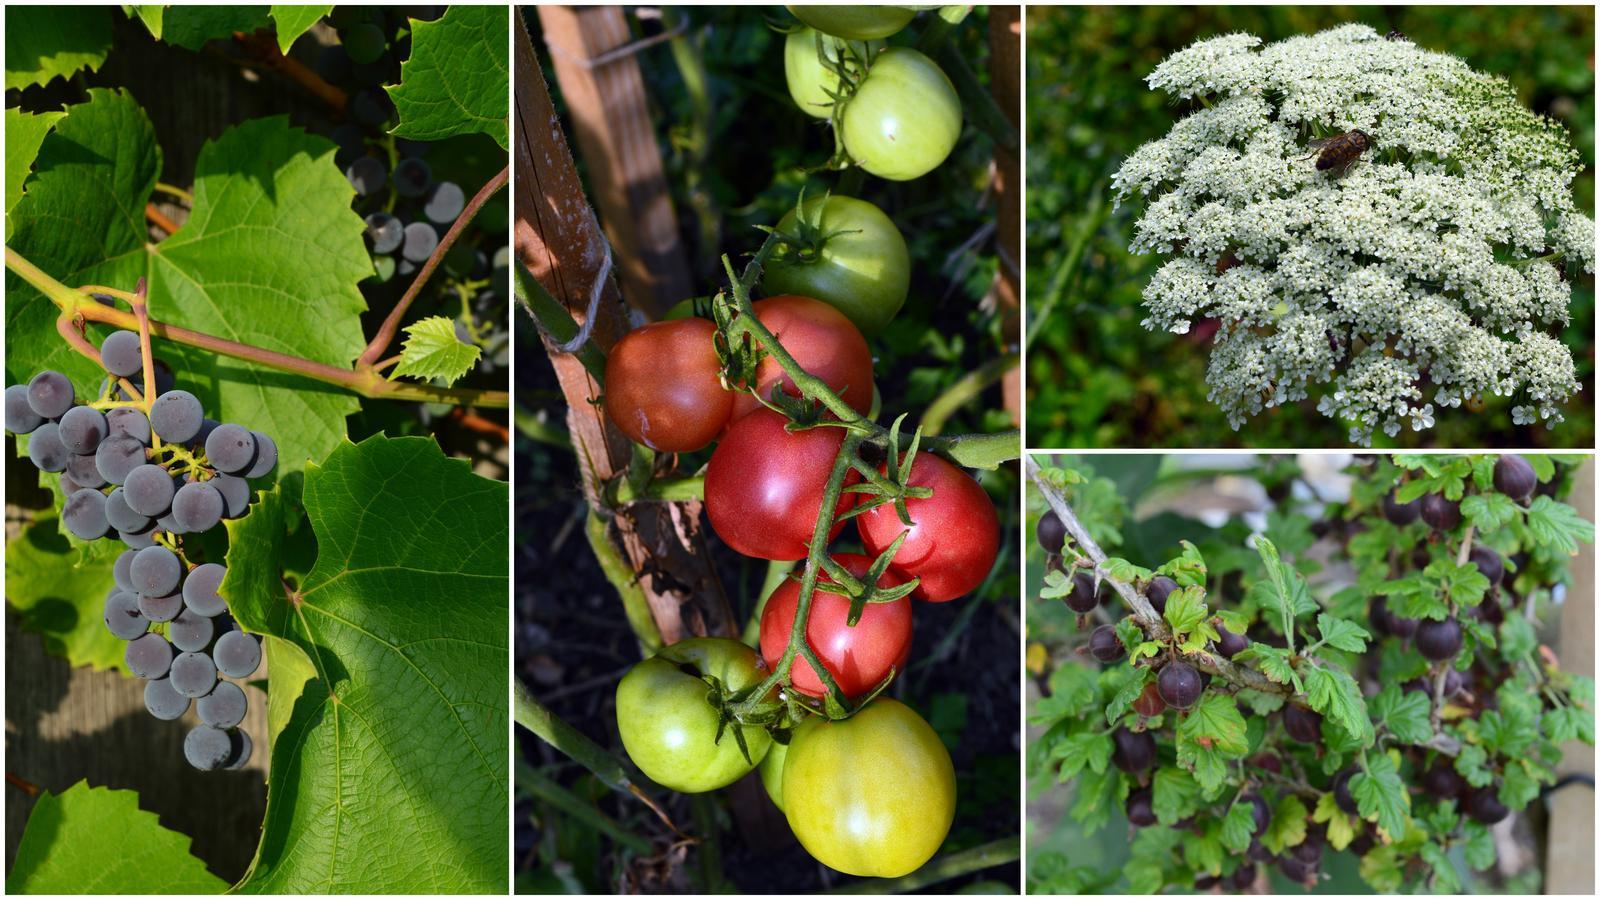 Naša prírodná perma záhradka v roku 2019 - hrozno a paradajky sa zbláznili, egreše sú obsypané, ale drobnučké ...